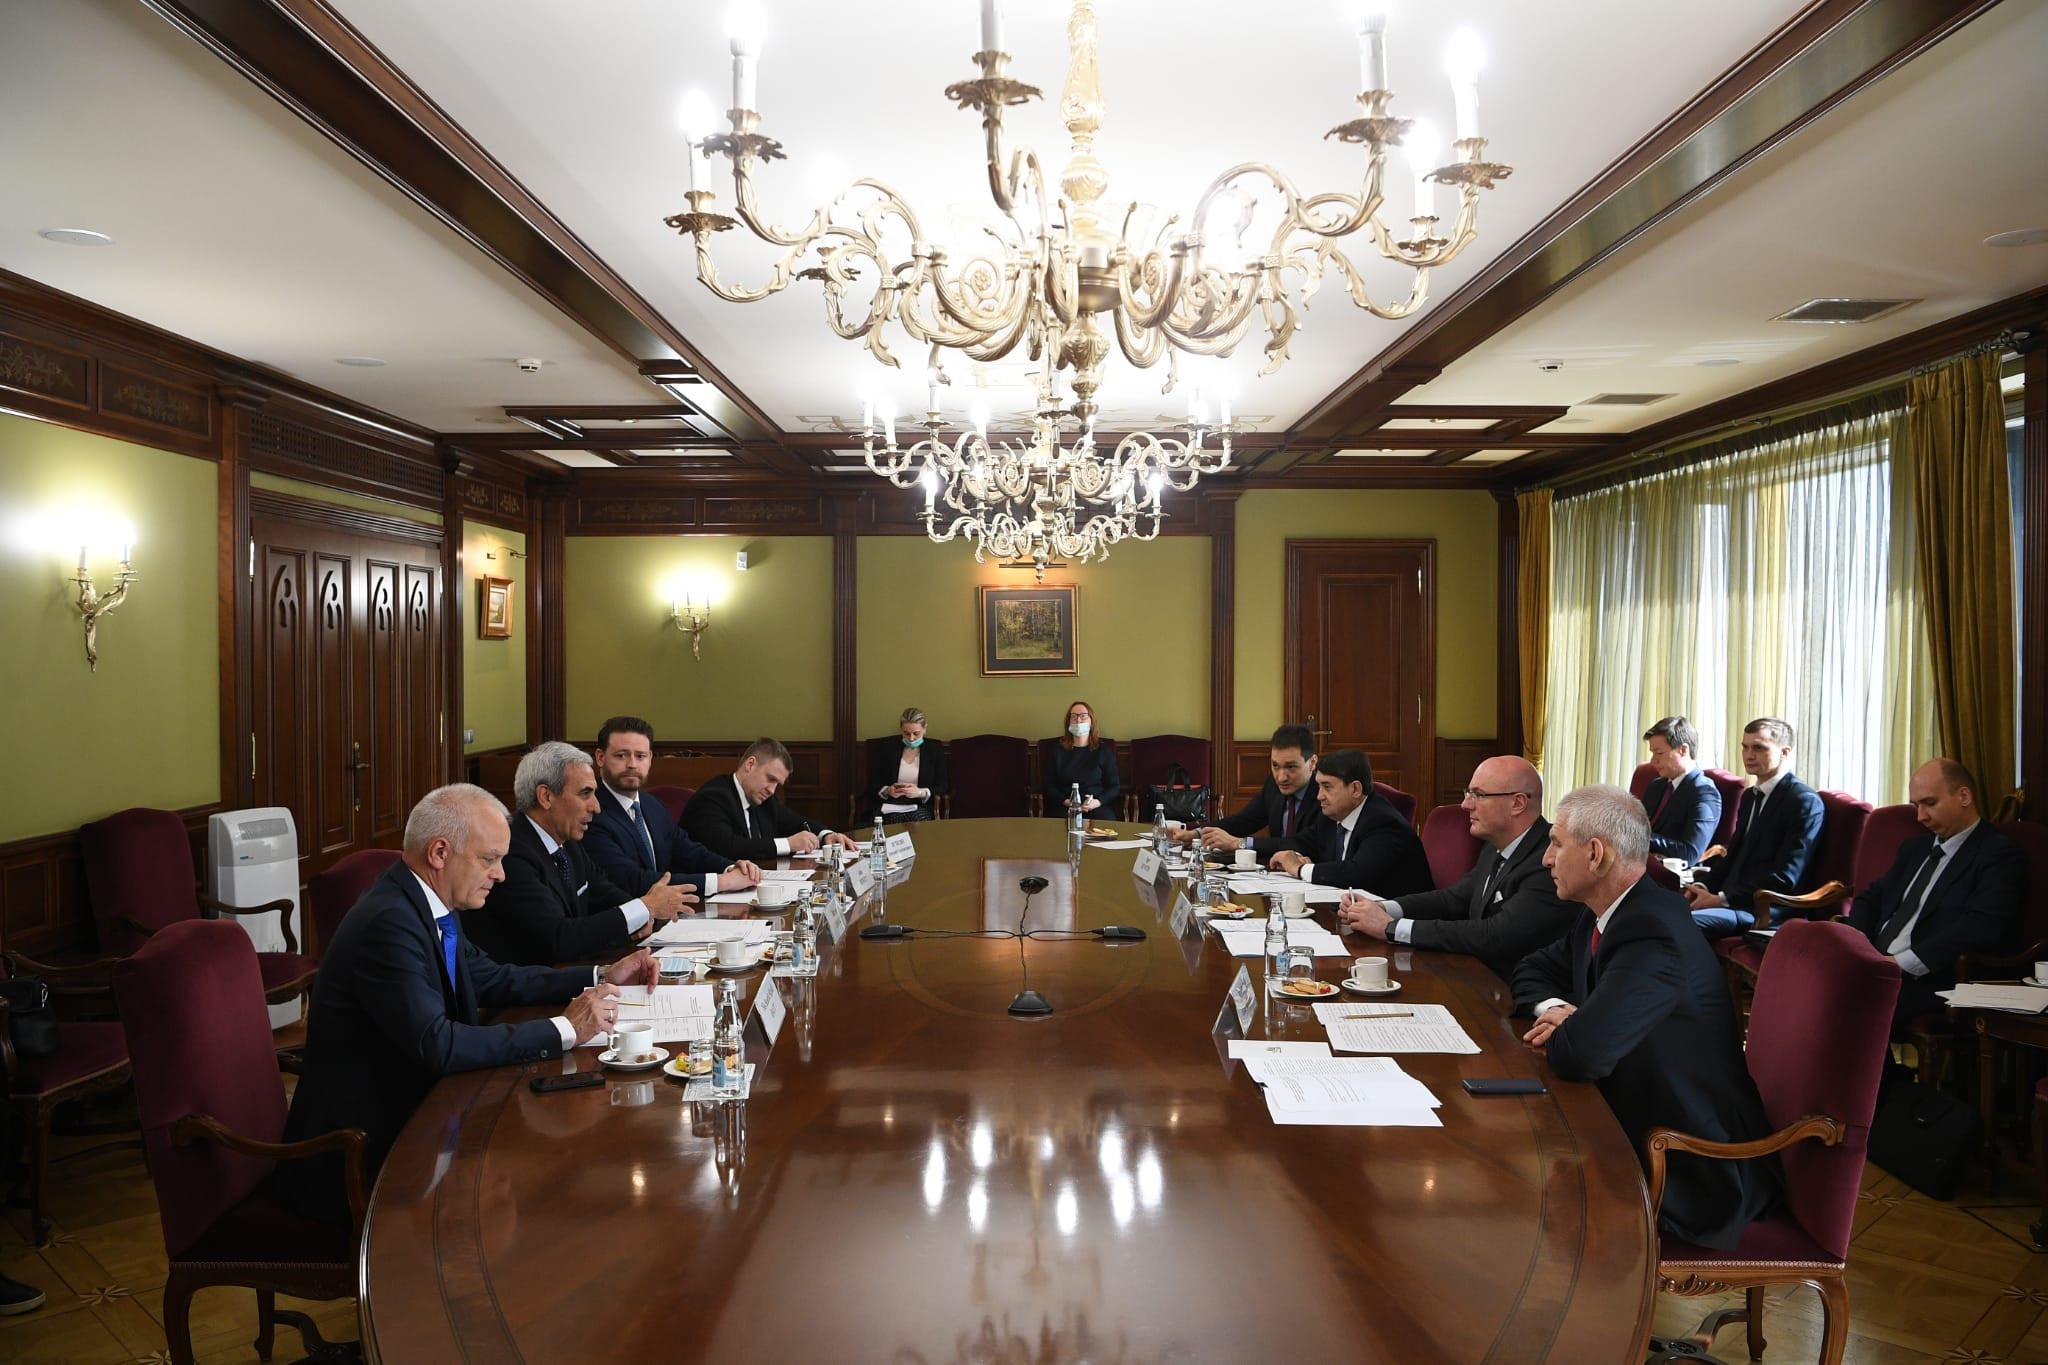 Высокопоставленные российские деятели встретились с представителями СпортАккорда, чтобы обсудить подготовку к мероприятию © SportAccord